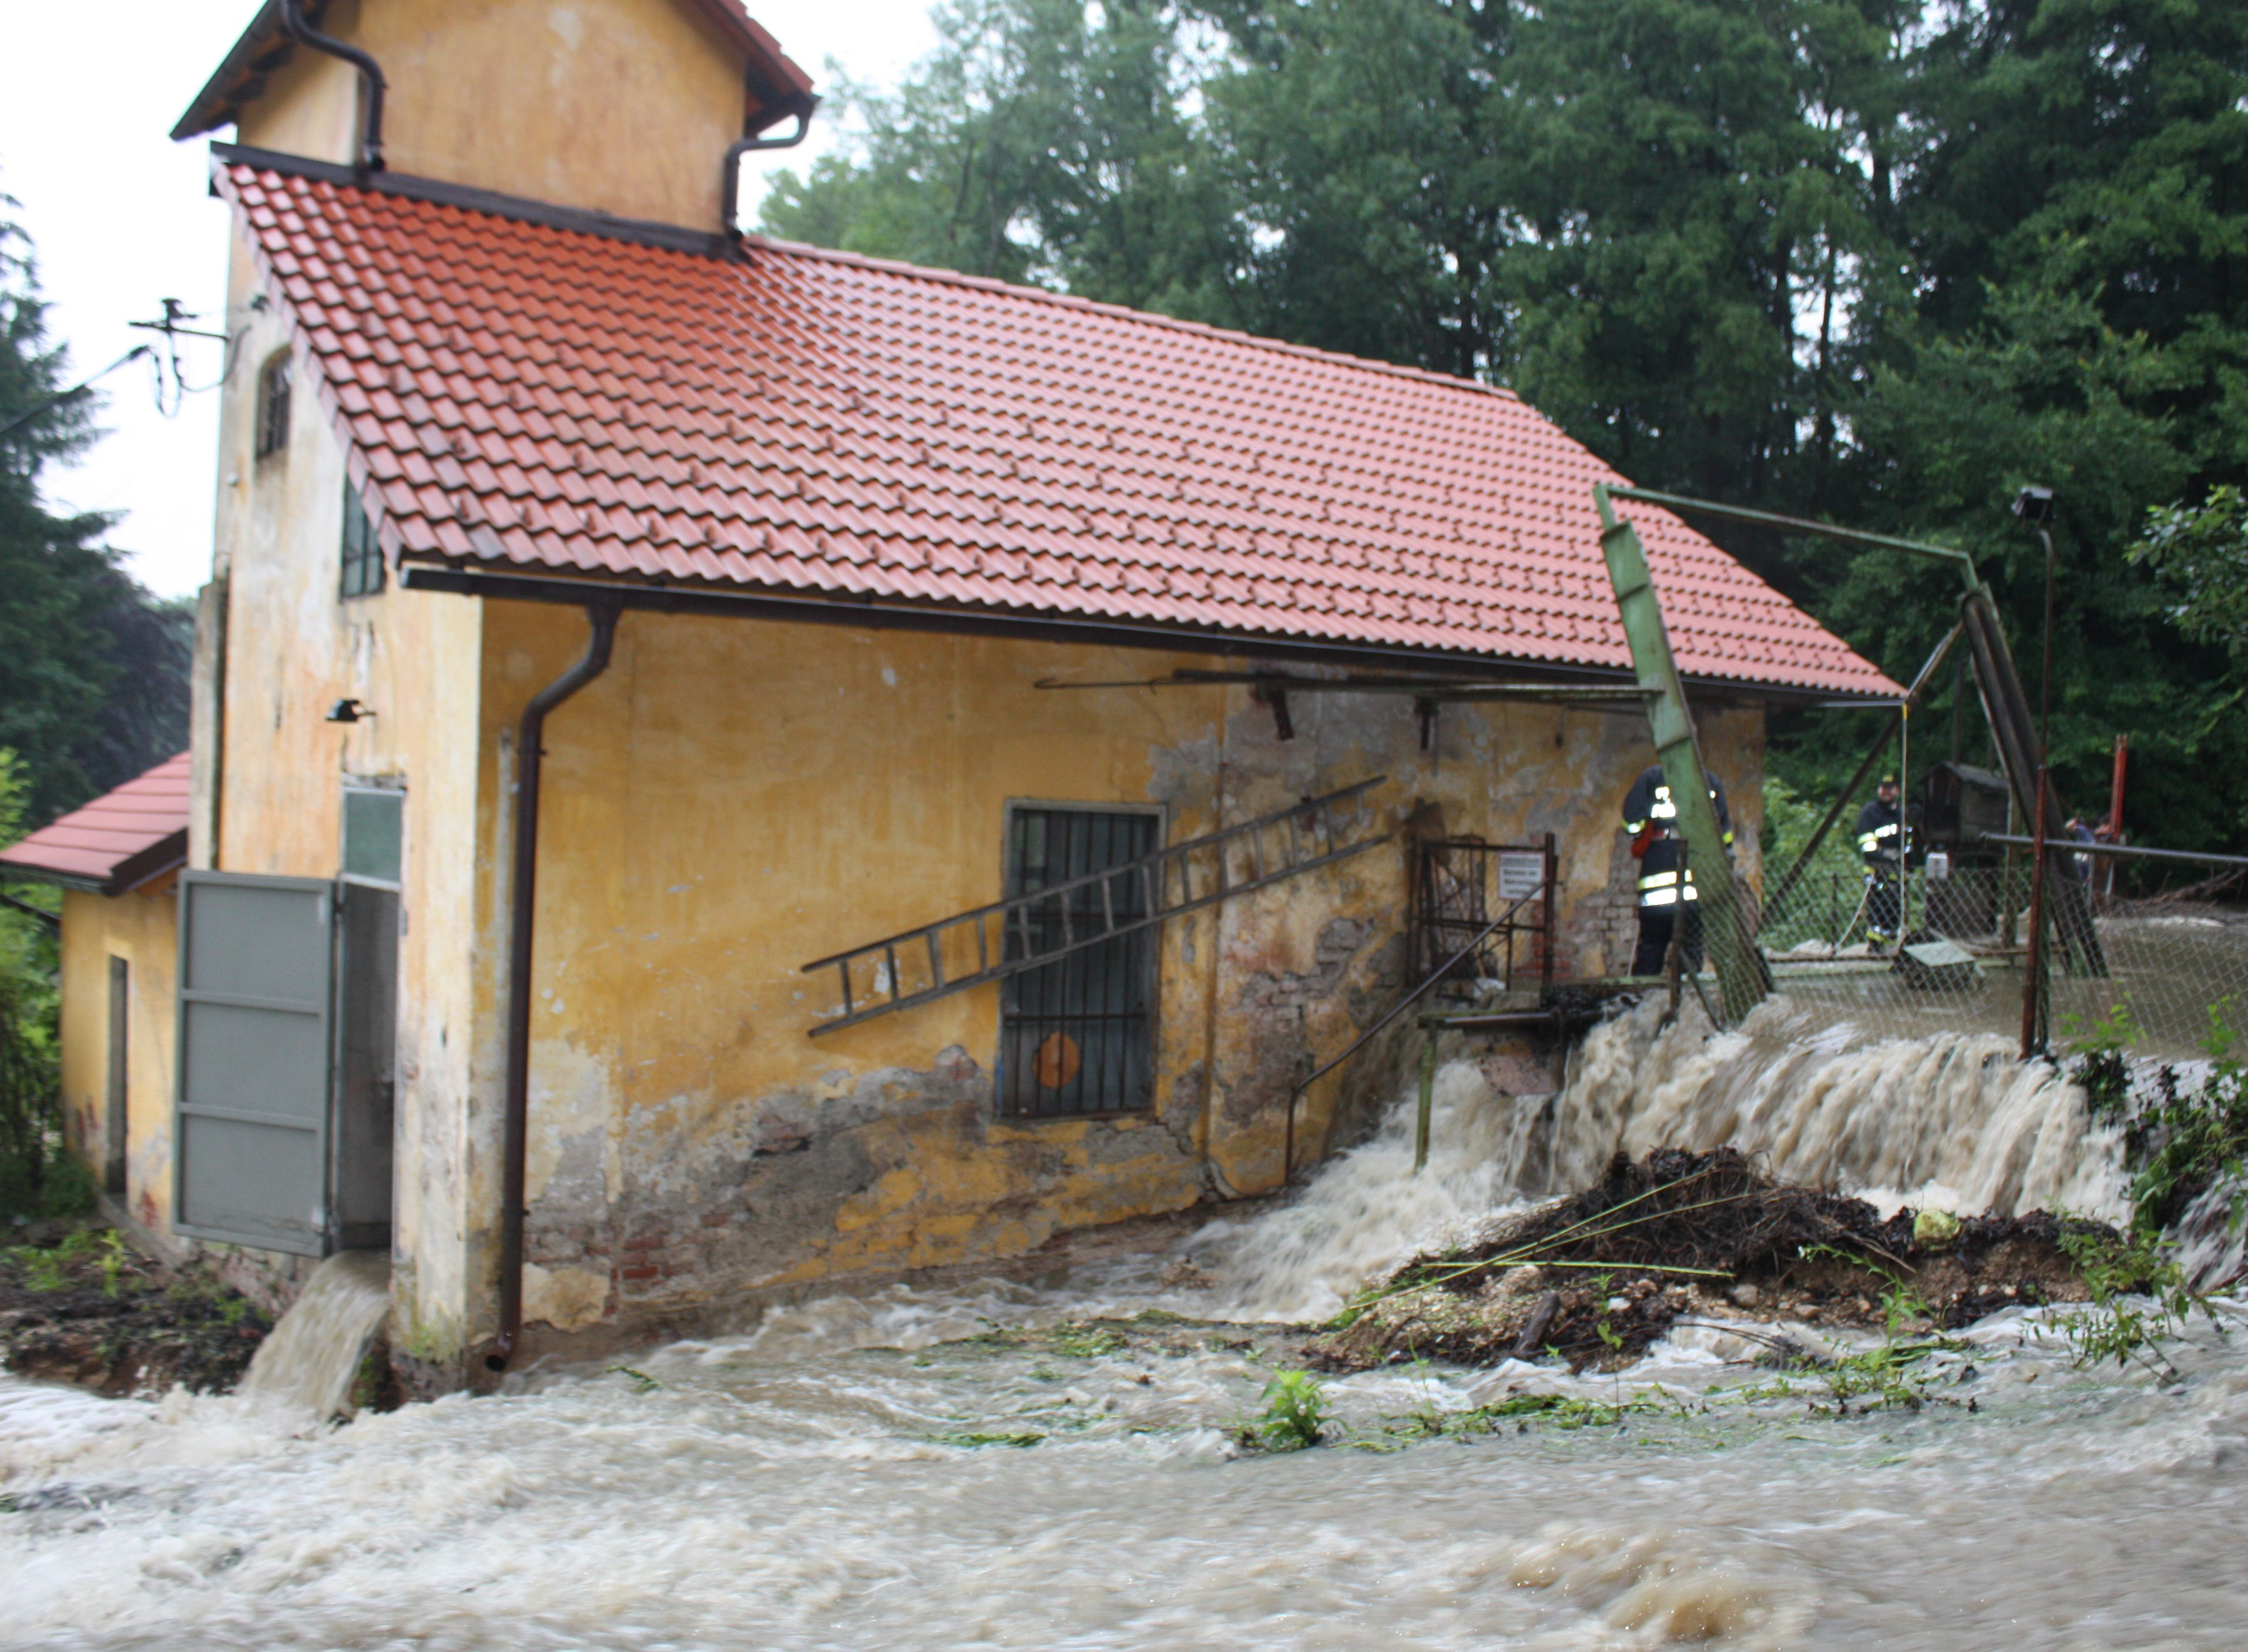 20090624_hochwasser_02.jpg